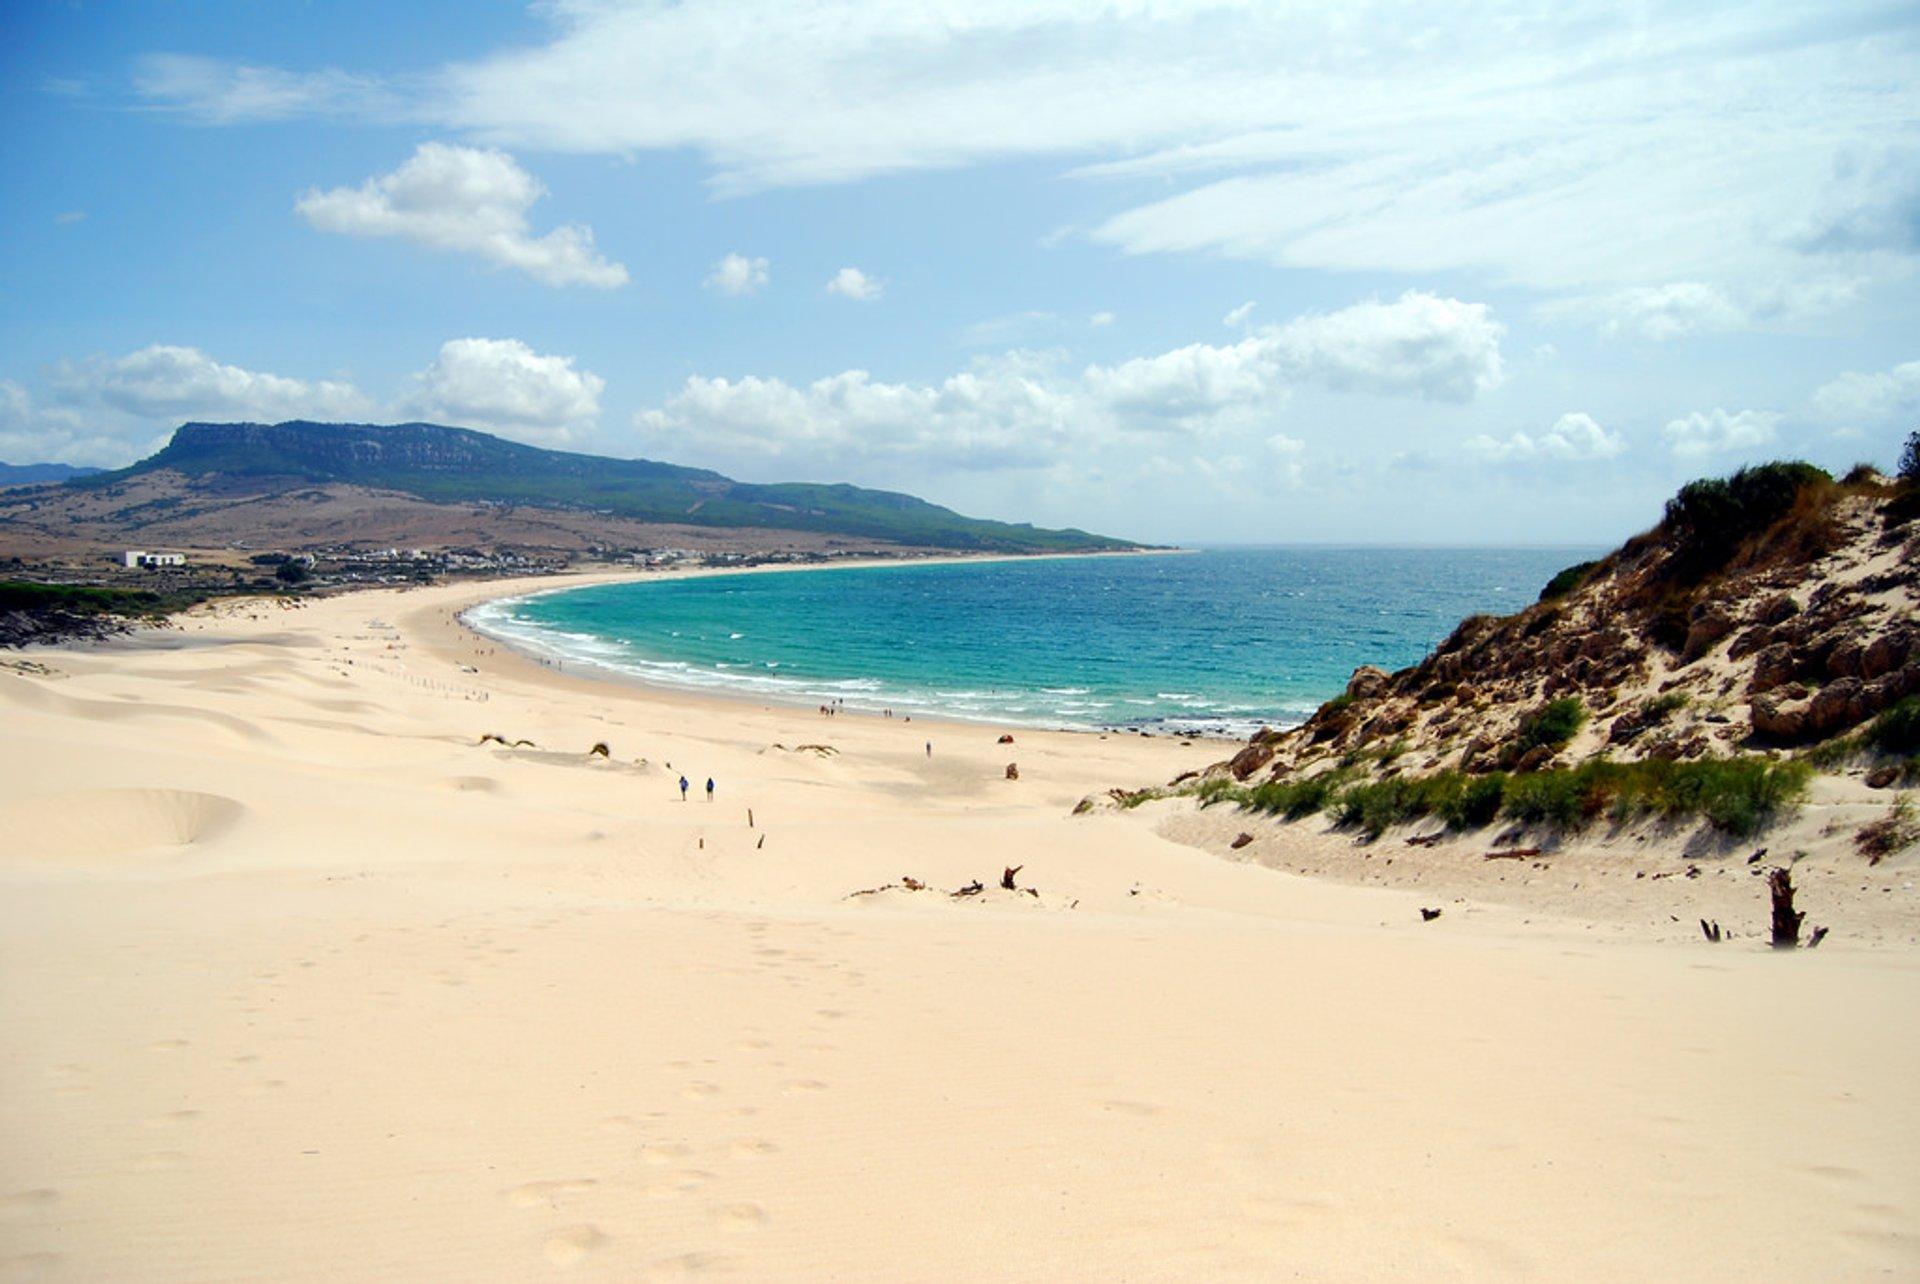 Beach Season in Seville 2020 - Best Time